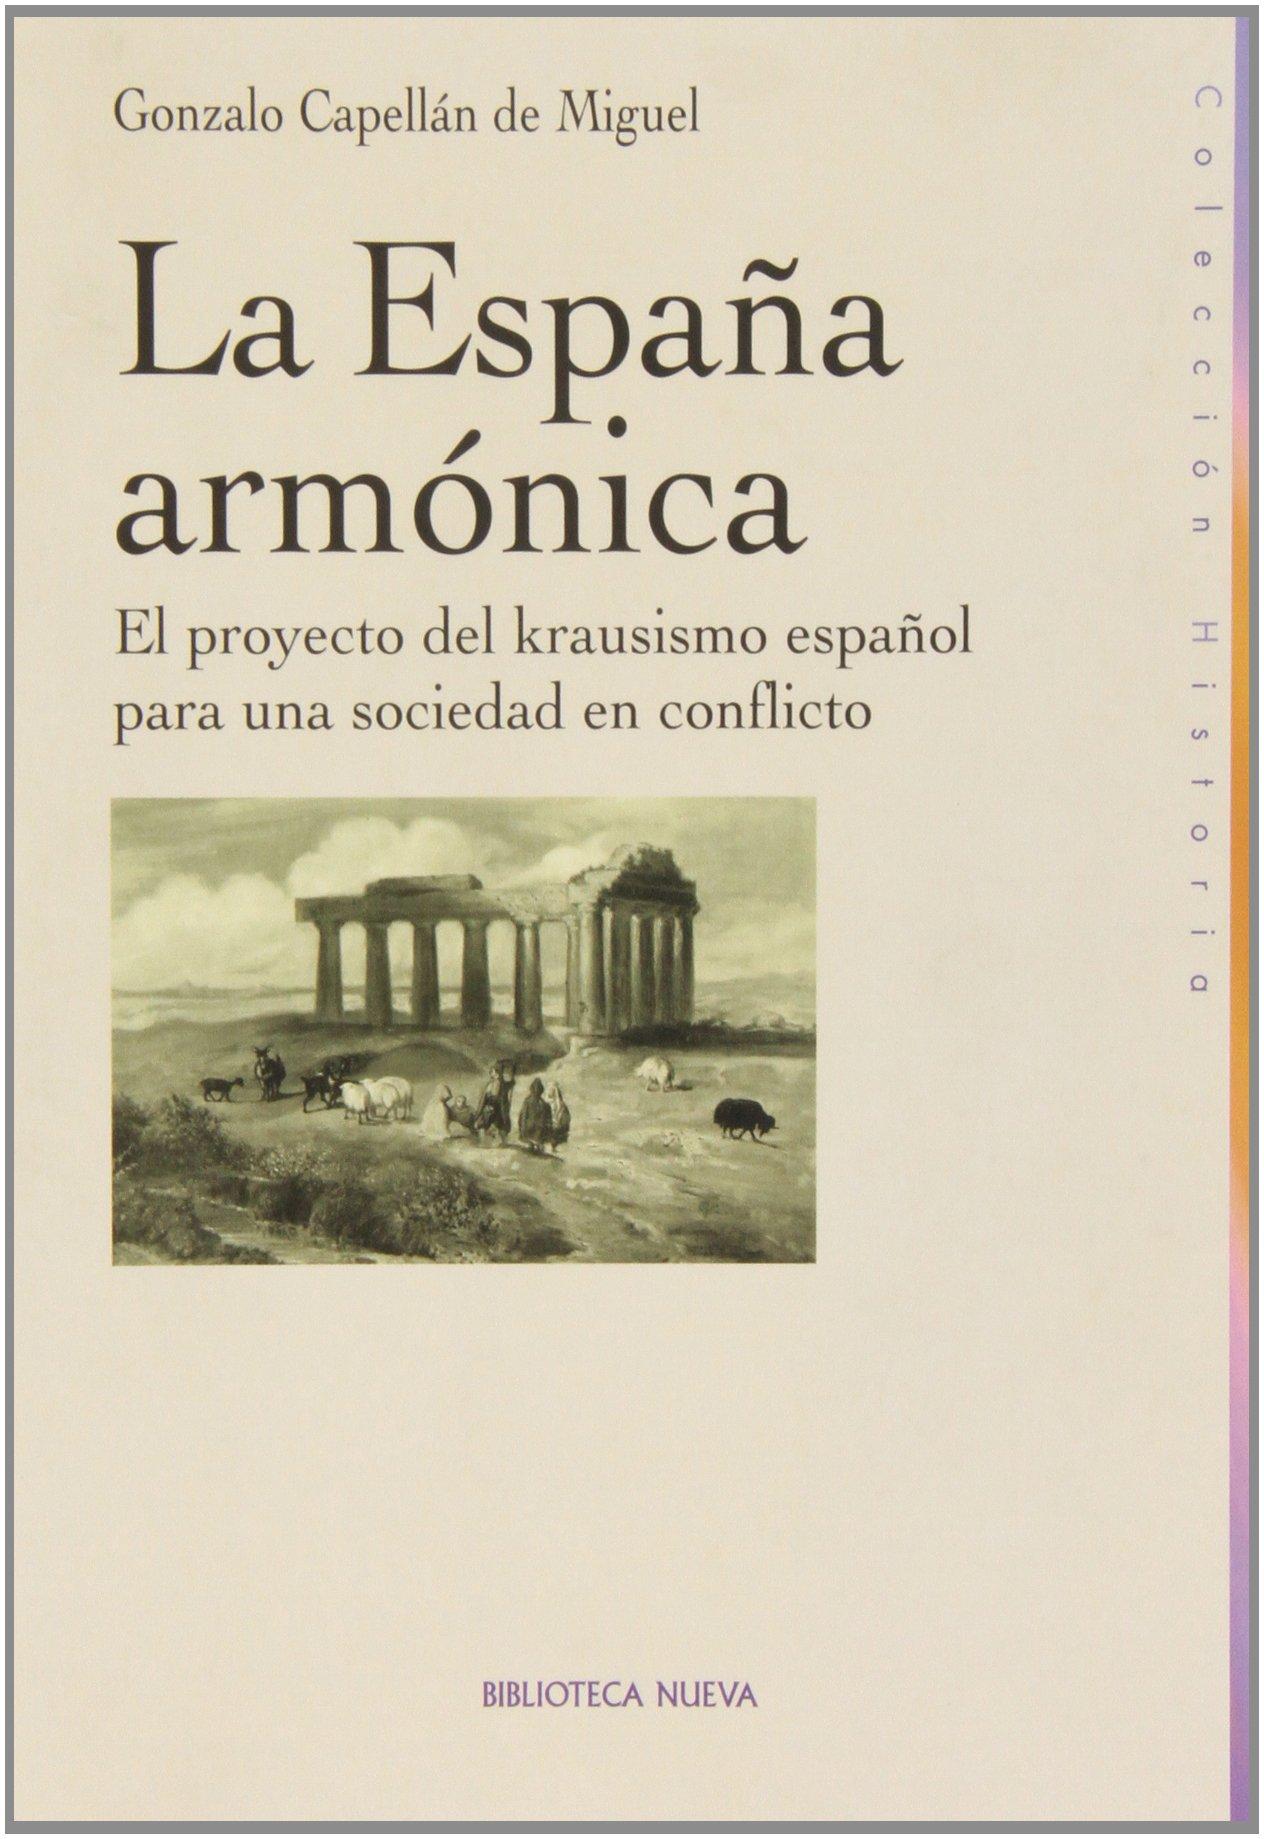 La España armónica (Historia Biblioteca Nueva): Amazon.es: Capellán de Miguel, Gonzalo: Libros